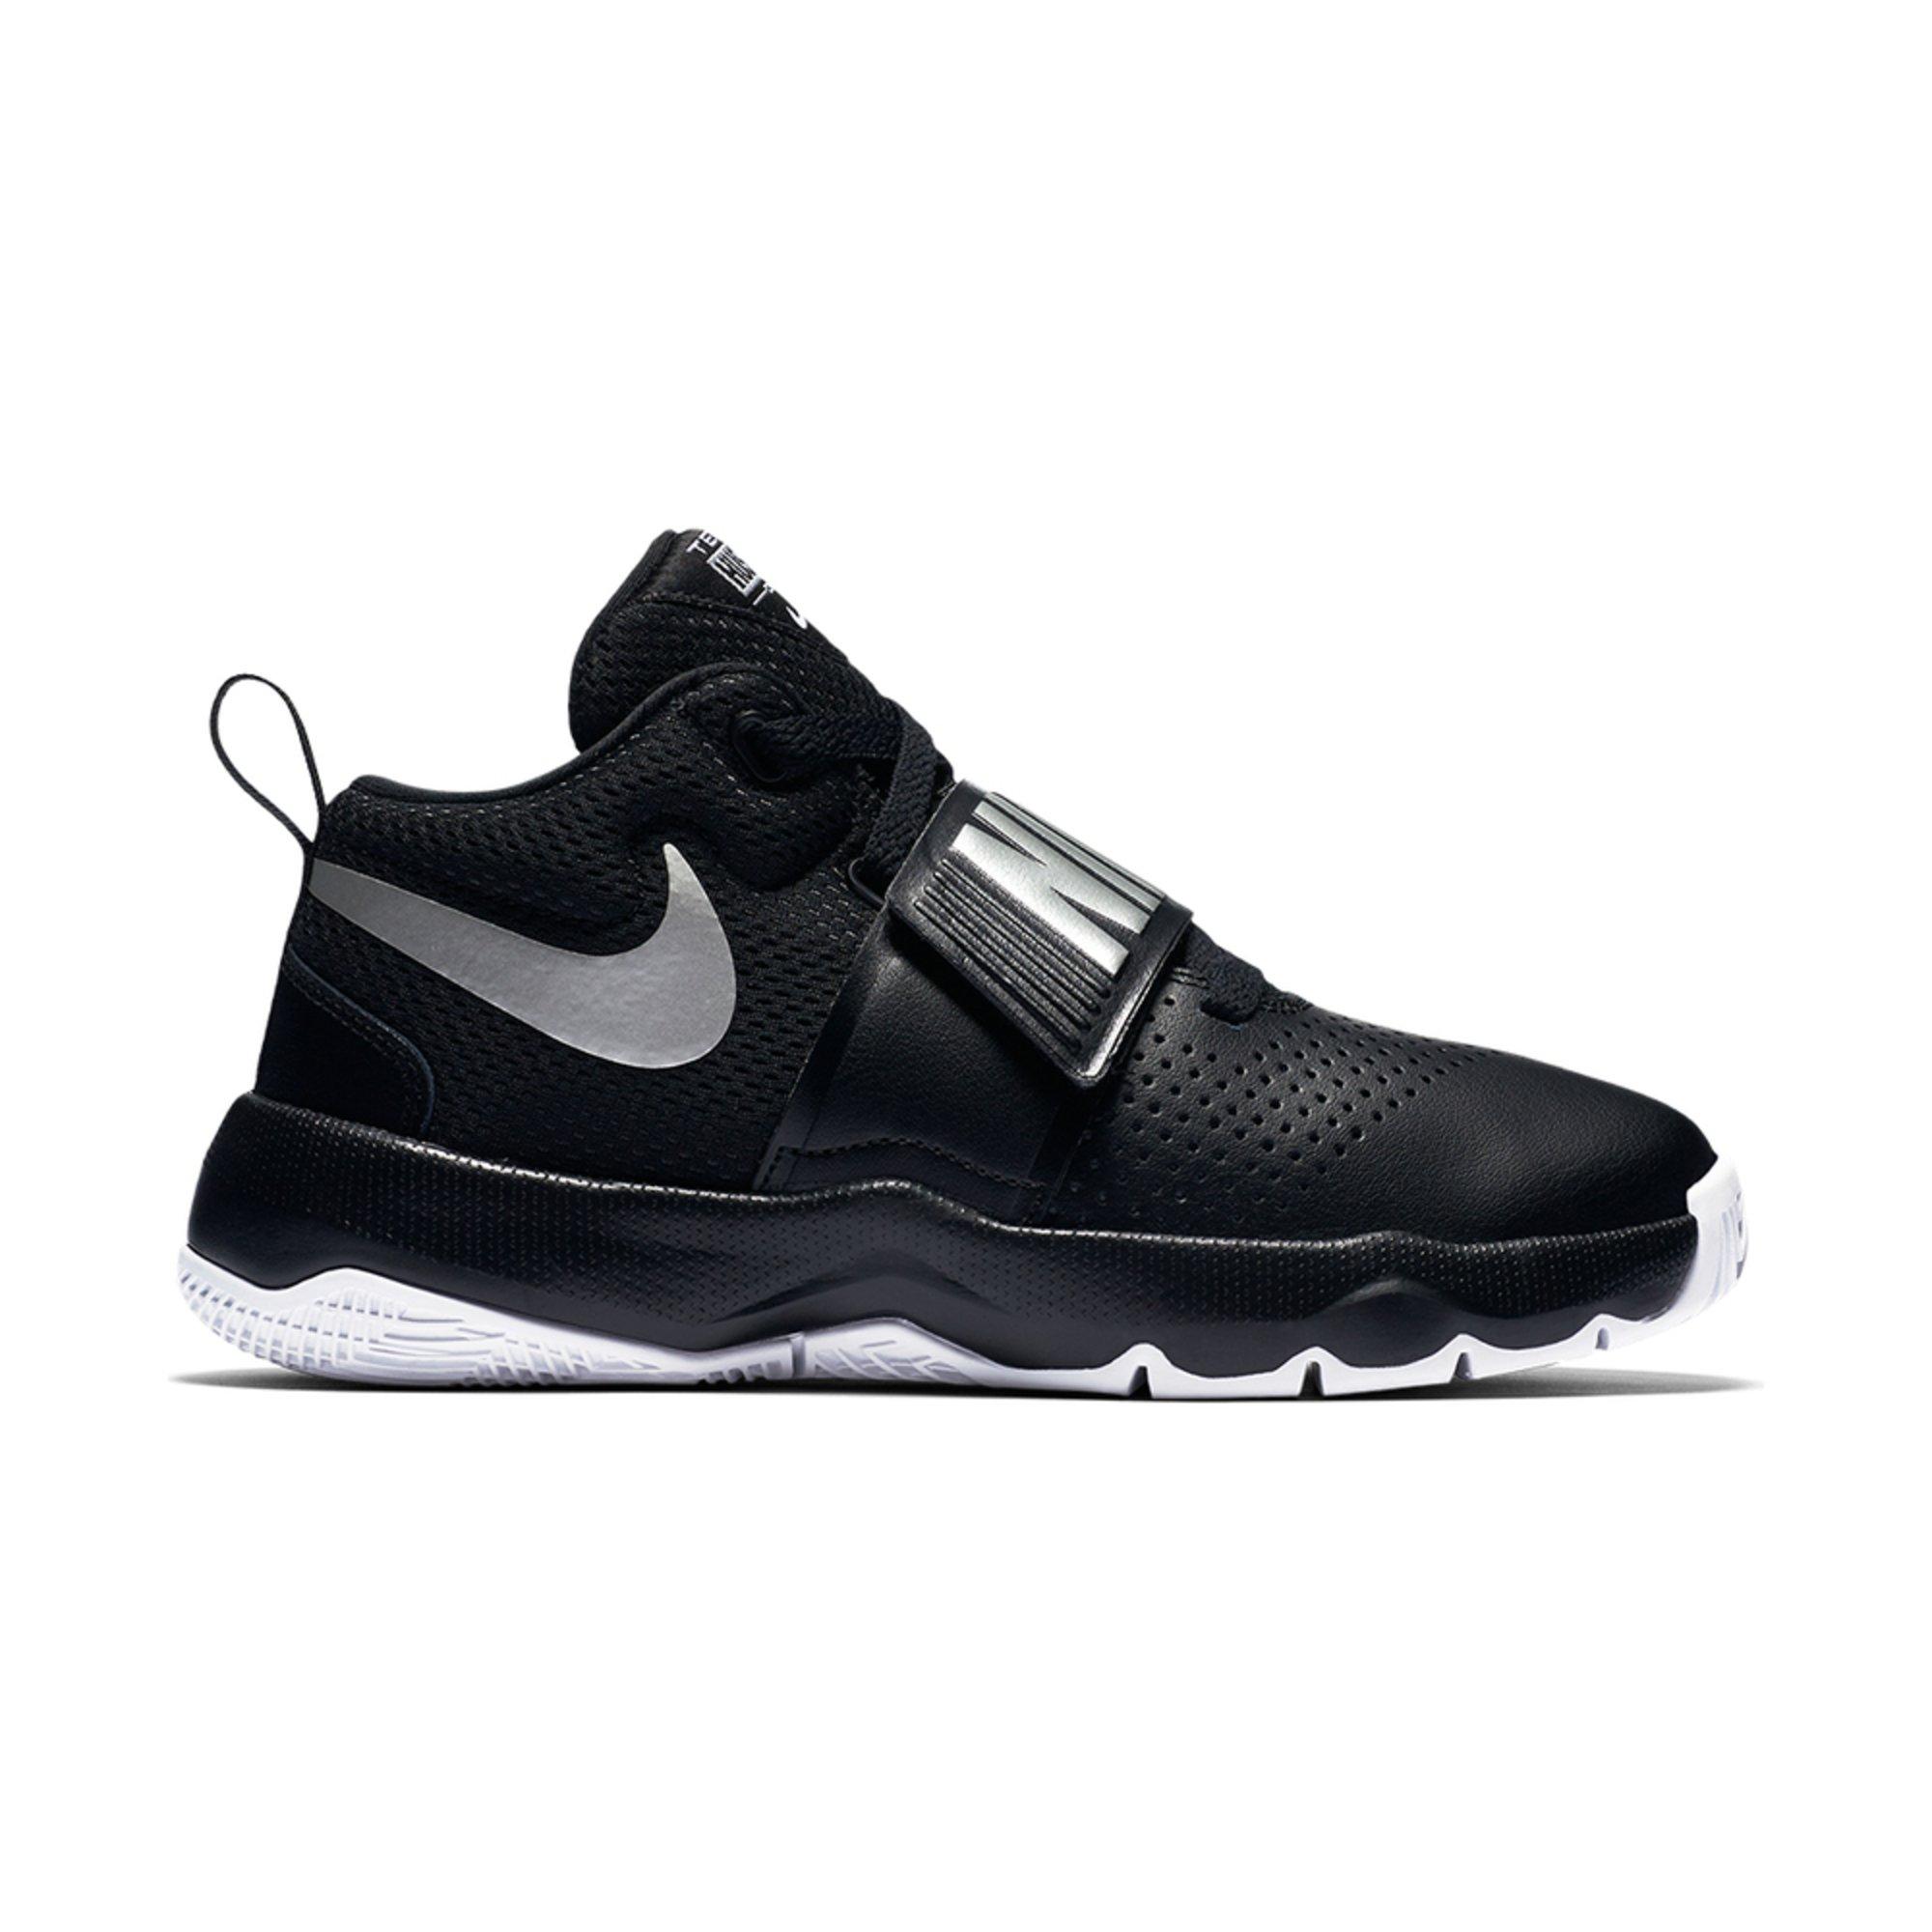 99a0957fa Nike Boys Team Hustle D8 Boys Basketball Shoe (youth) | Youth Shoes ...